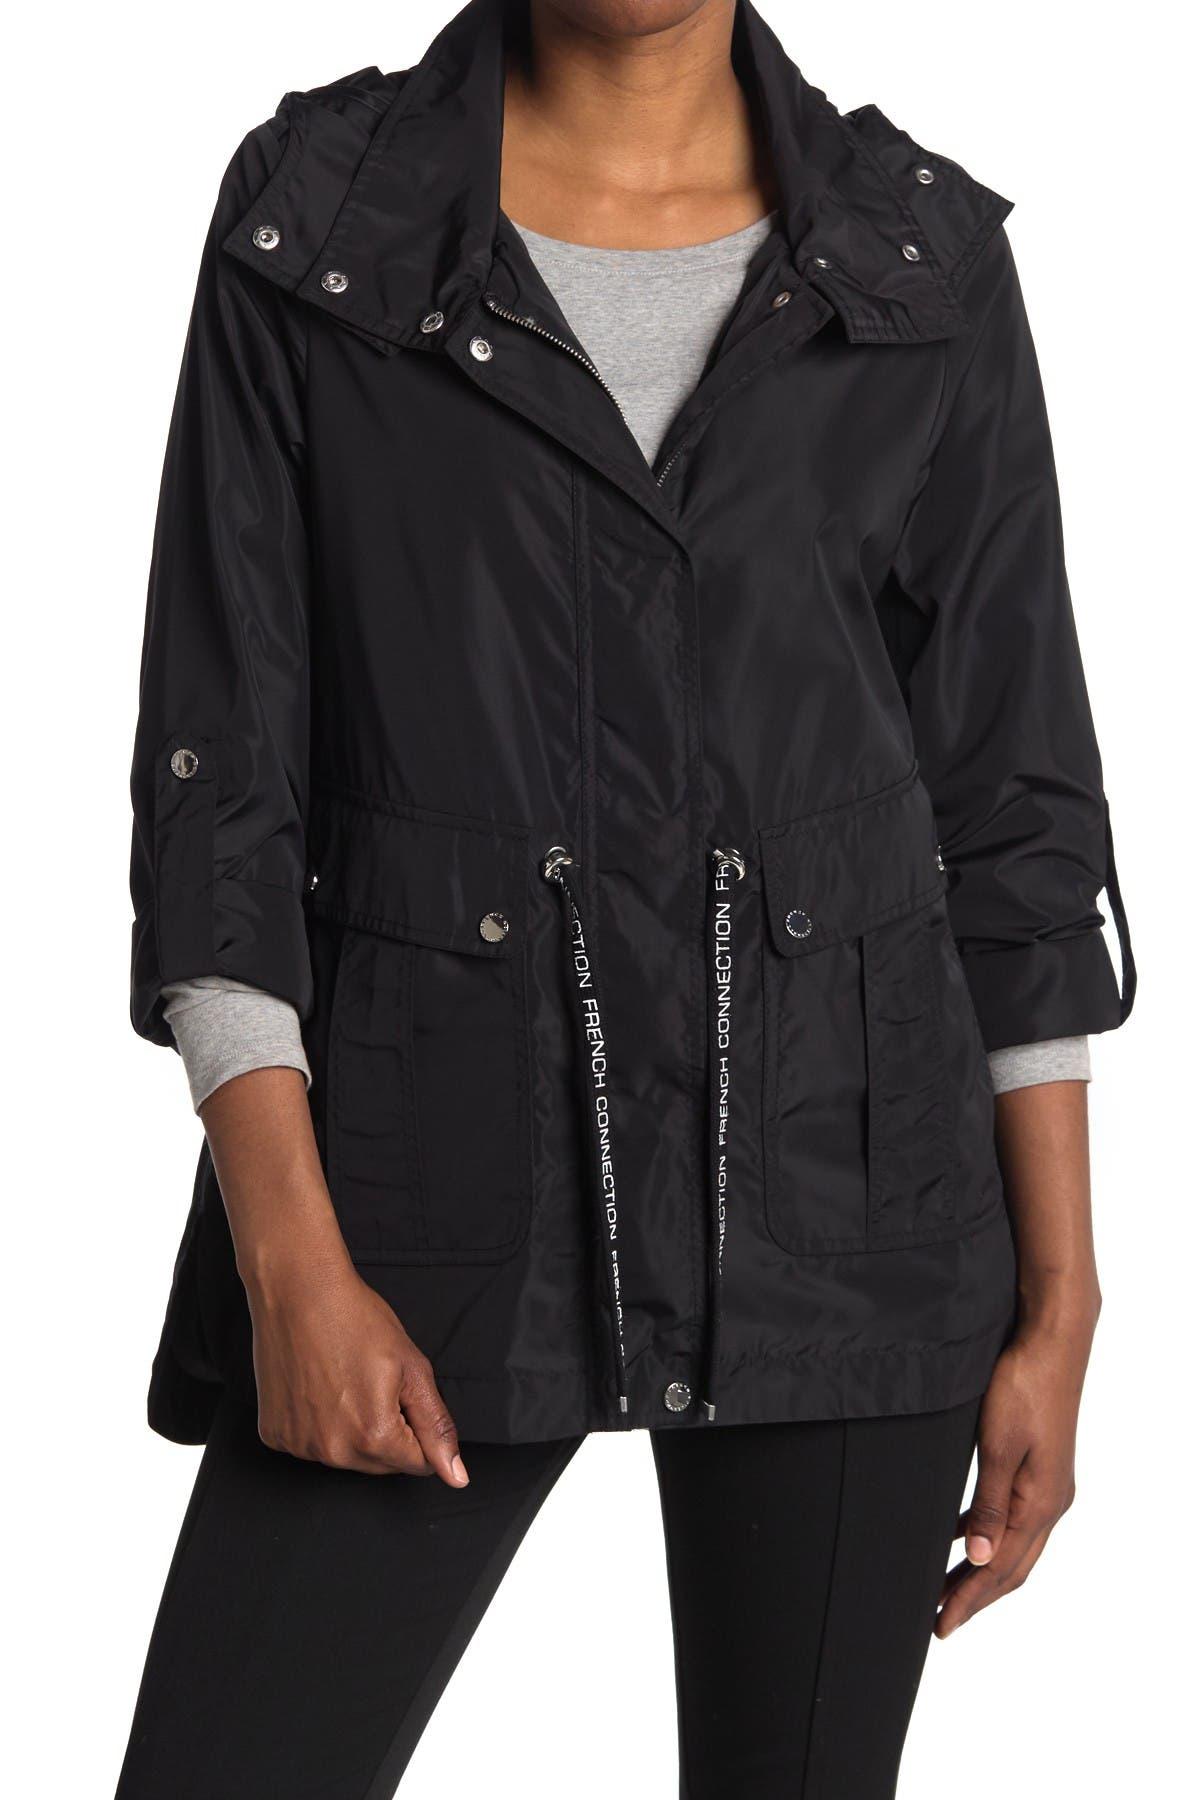 Image of French Connection Anorak Oversized Pockets Jacket